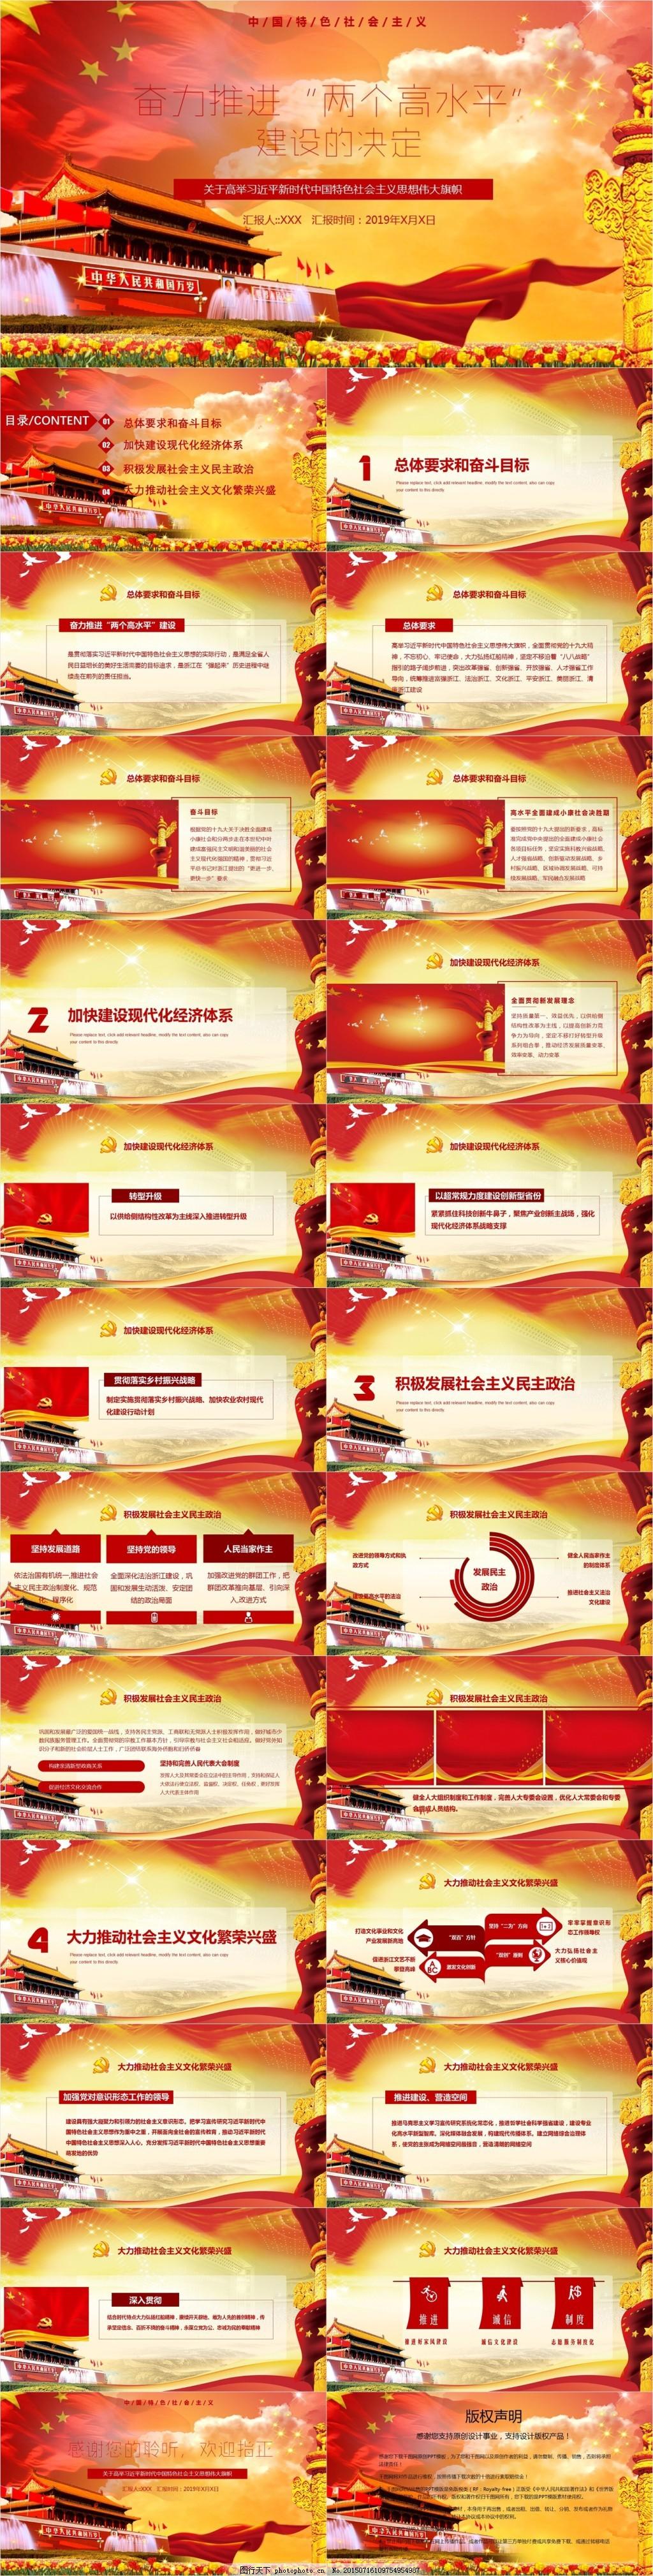 新时代中国特色社会主义思想PPT模板范本,ppt,两个高水平,社会主义民主政治,社会主义文化繁荣兴盛,伟大旗帜,现代化经济体系